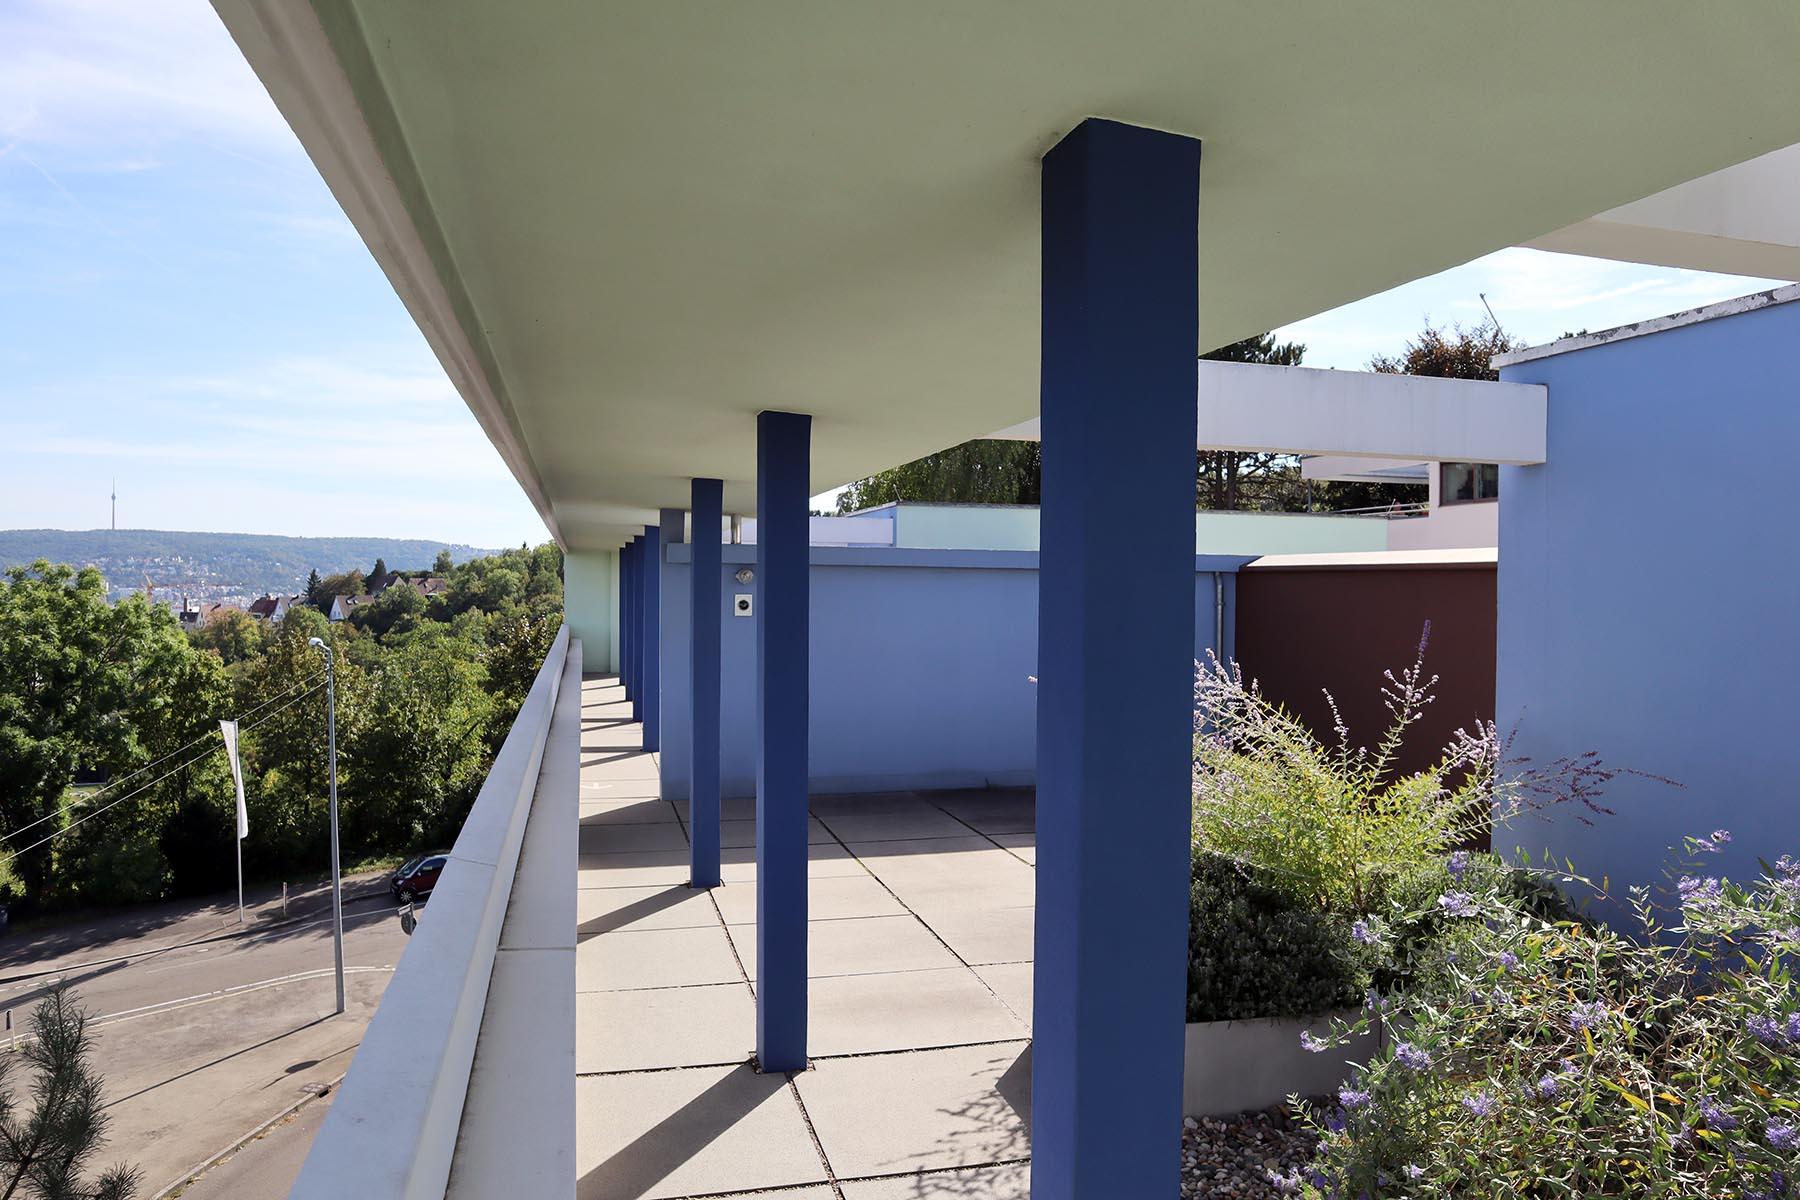 Weissenhofmuseum im Haus Le Corbusier. Die Dachterrasse des Weissenhofmuseum, das im Oktober 2006 eröffnete. Es ist ein städtisches Museum, das vom Verein Freunde der Weissenhofsiedlung e.V. betrieben wird.